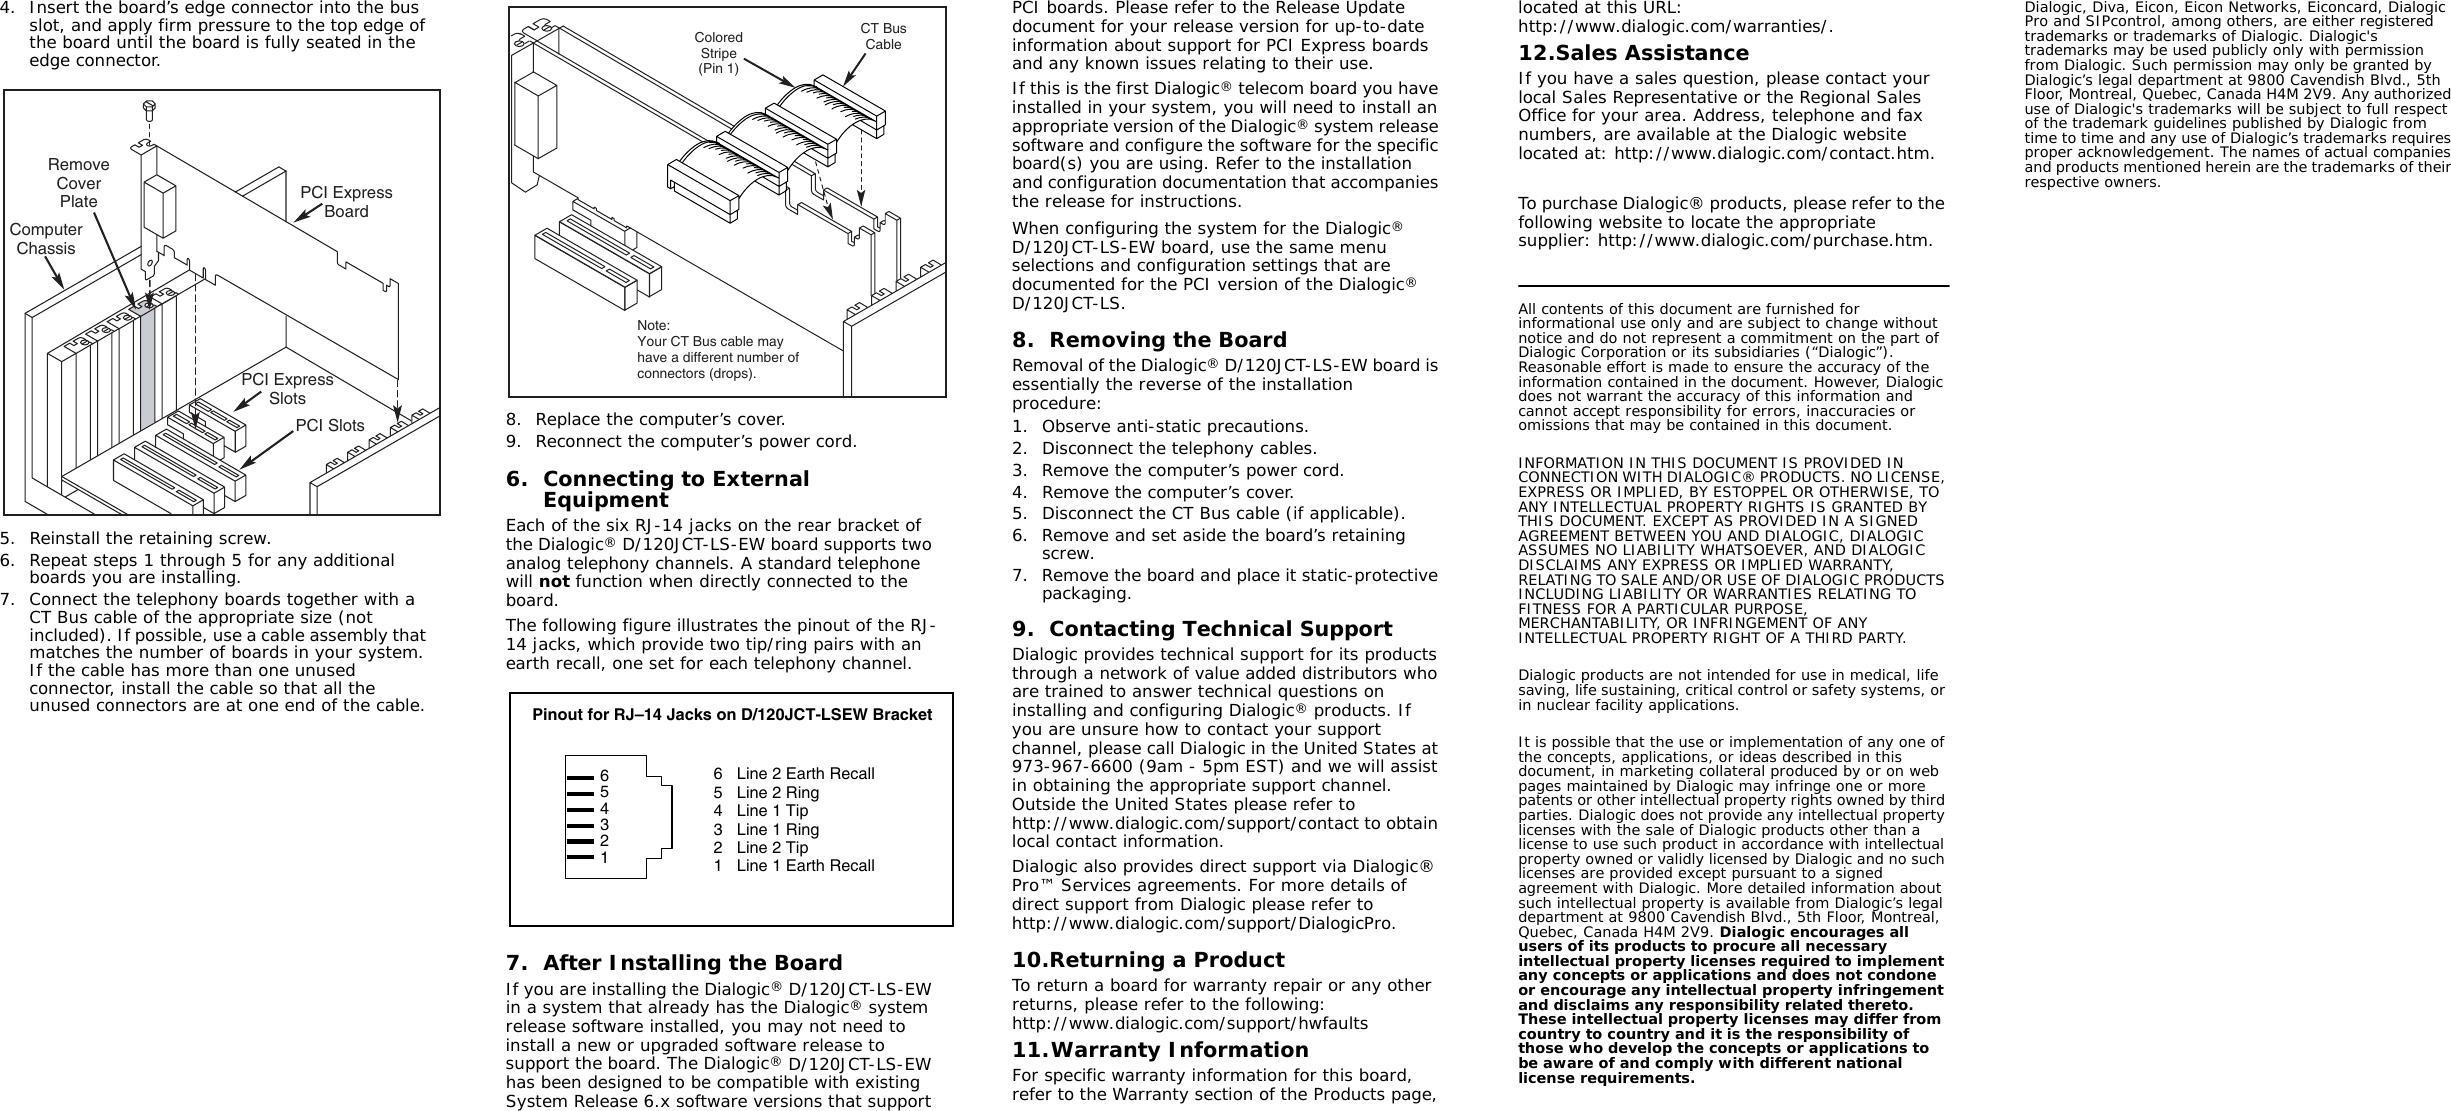 Dialogic Media Board D 120Jct Ls Ew Users Manual D120JCT LSEW_D